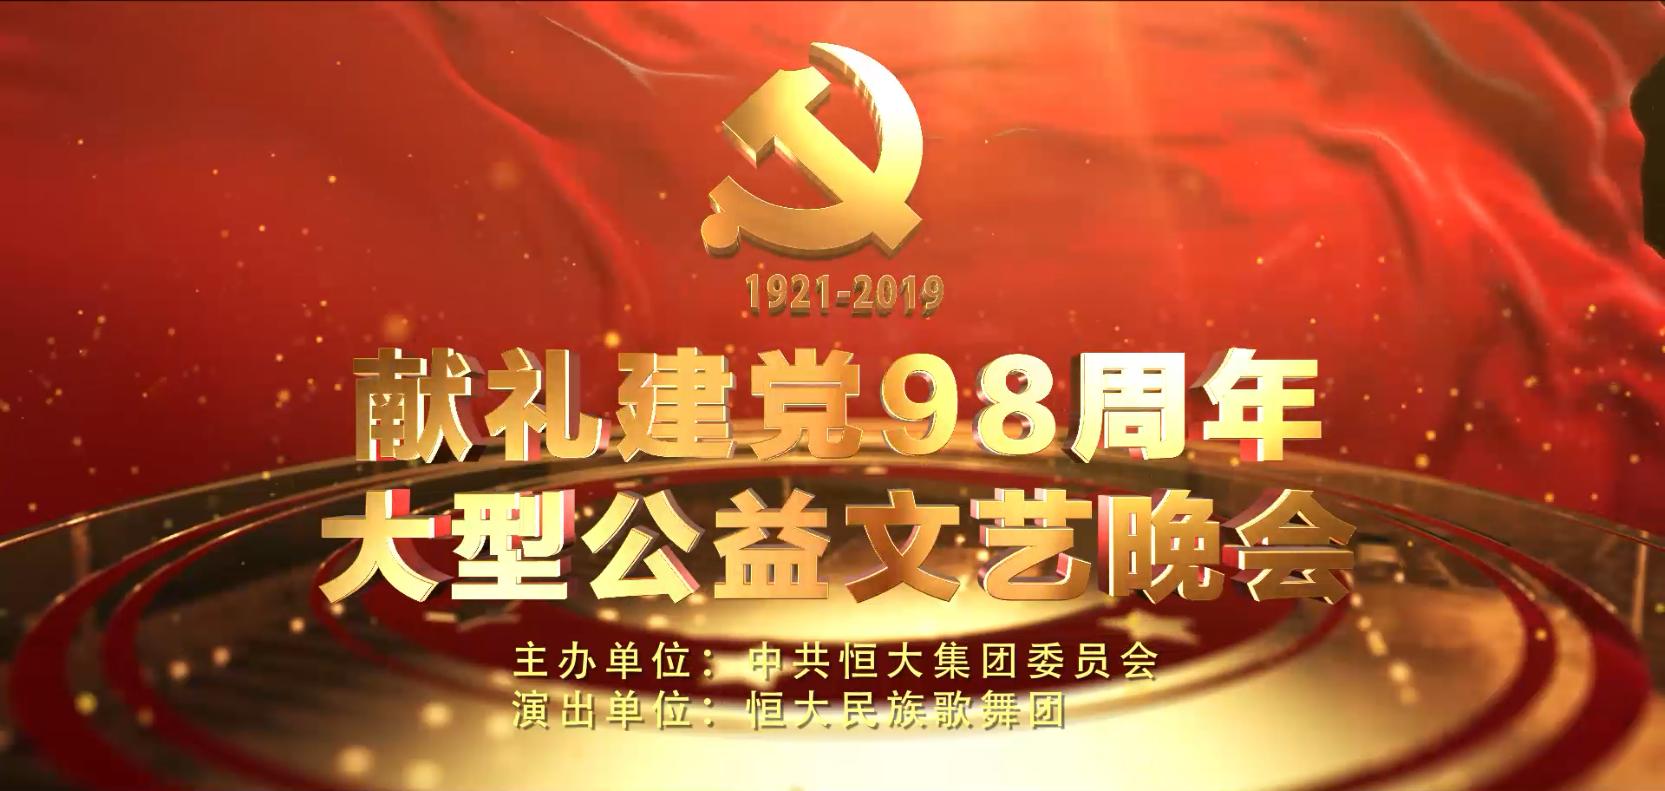 献礼建党98周年大型公益文艺晚会